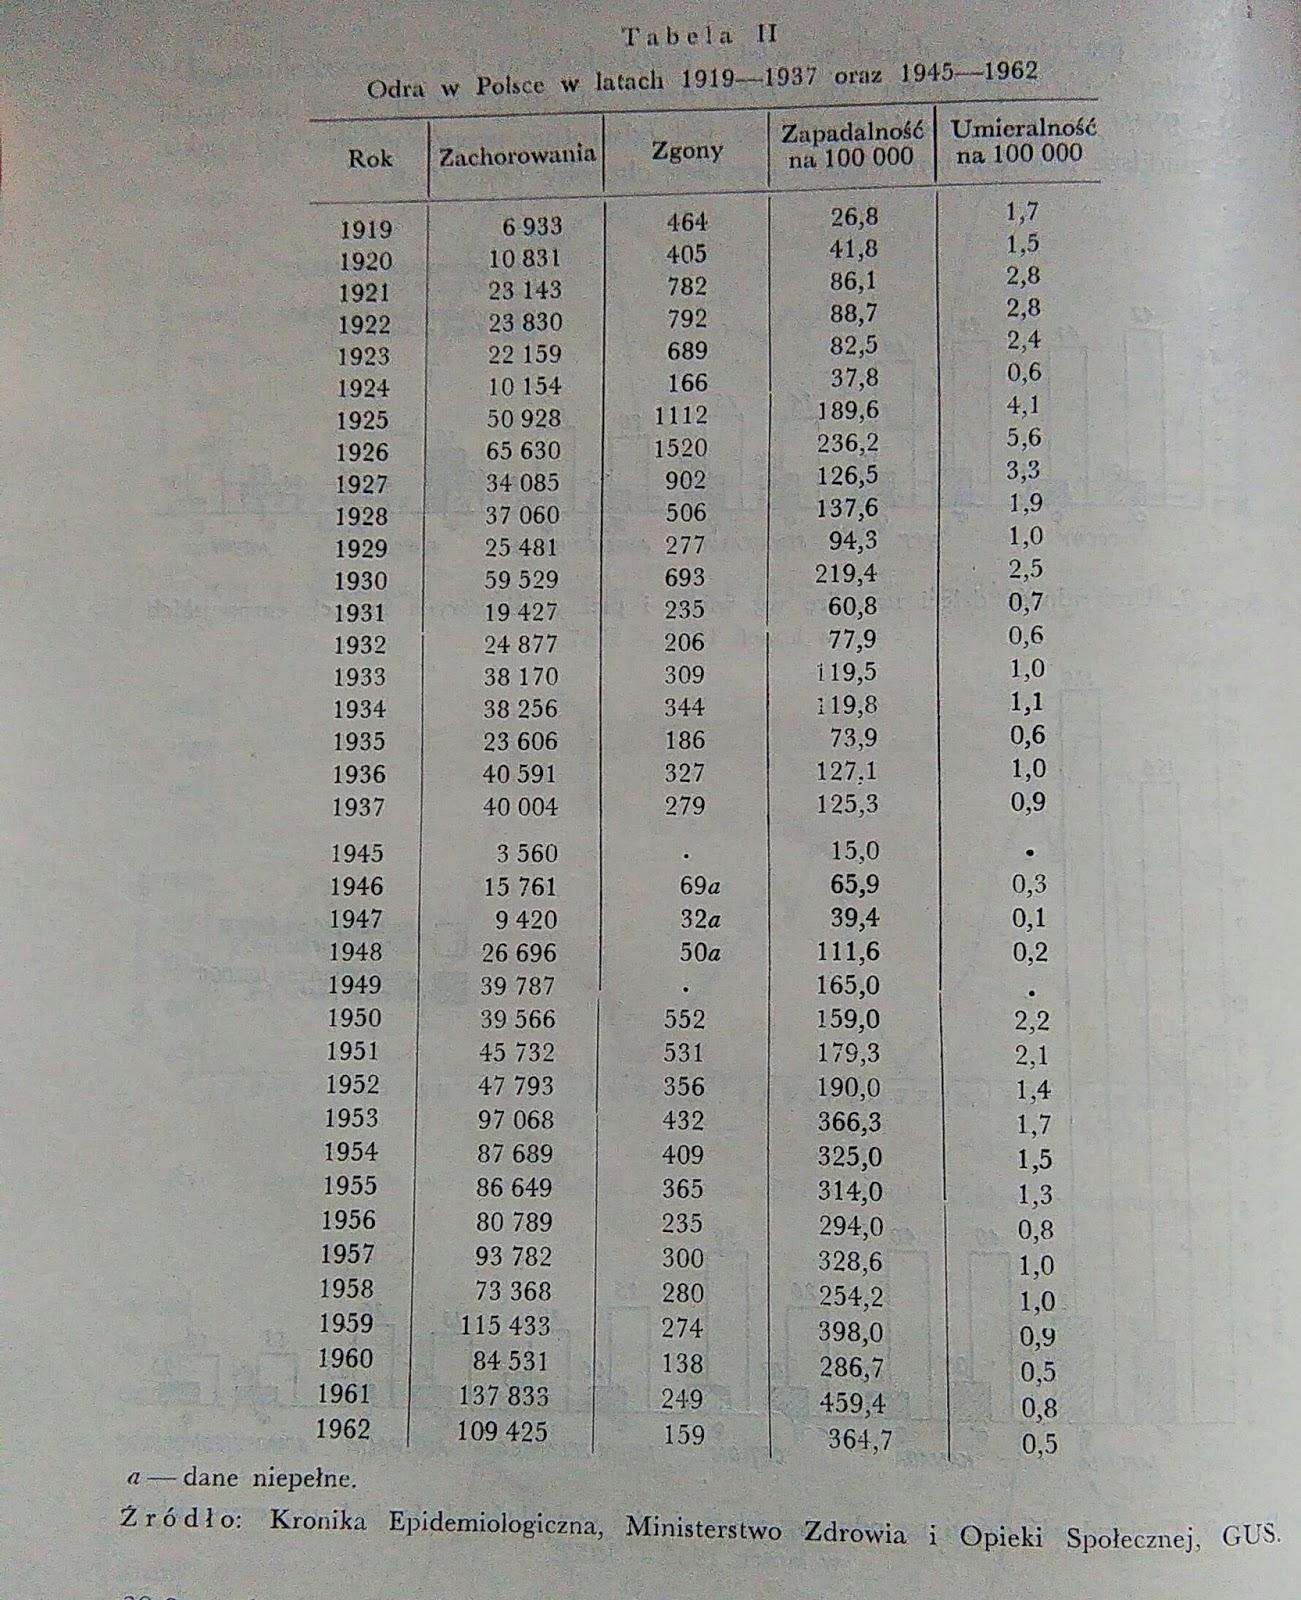 eb0be721c6c4 Tabela z http   szczepienie.blogspot.com 2015 04 odra -szczepienie-mmr-czyli-medialna.html